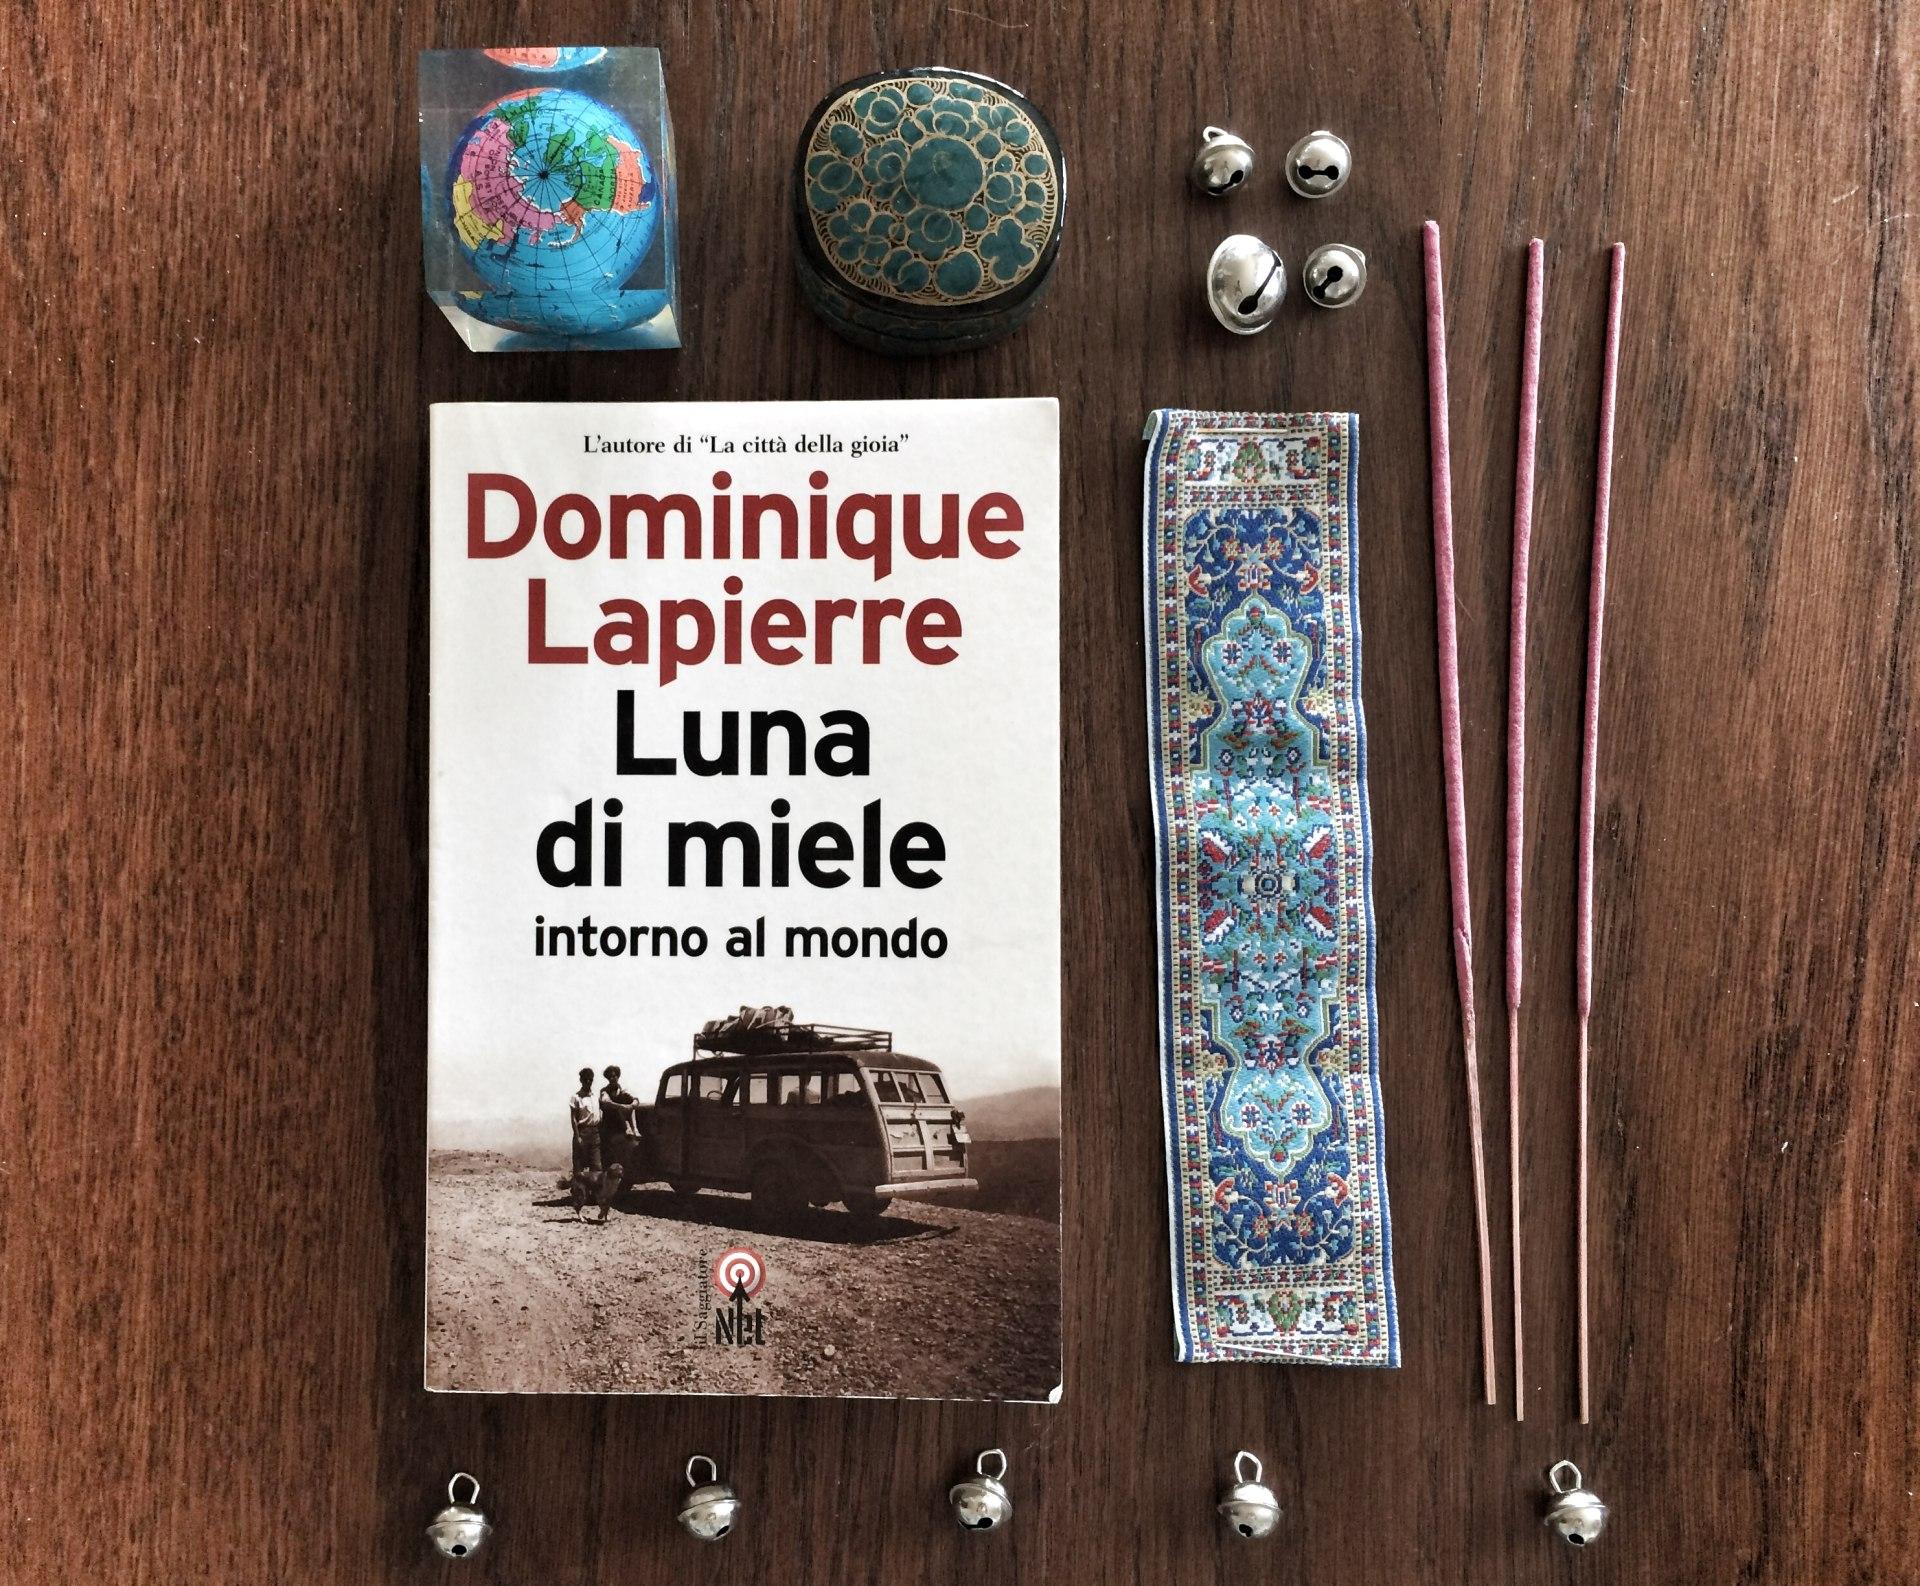 5-Libri-che-fanno-venire-voglia-di-viaggiare-lapierre